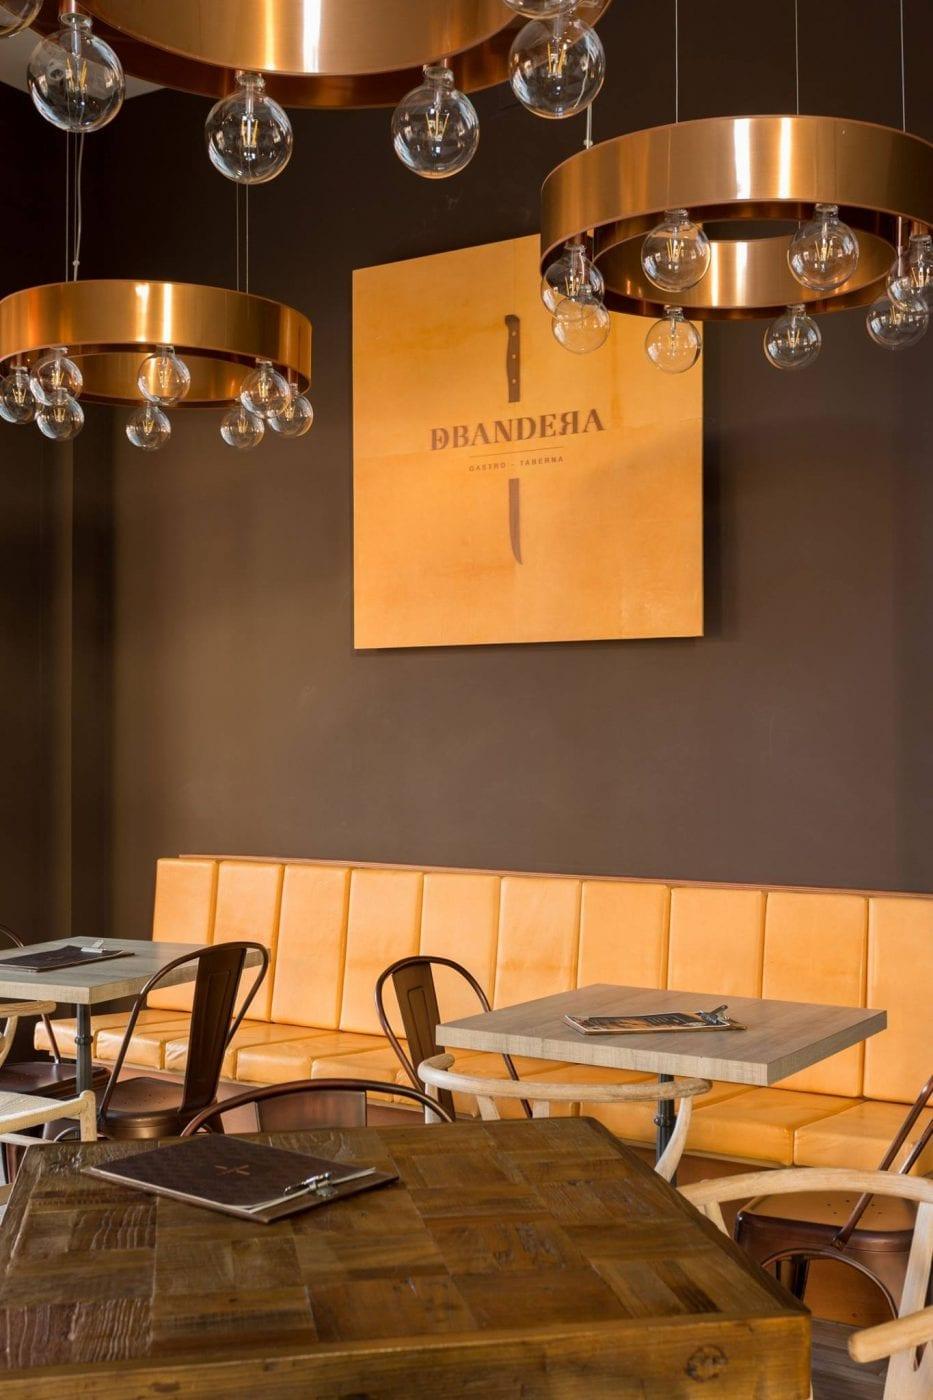 Diseño de interiores modernos y actuales para restaurantes